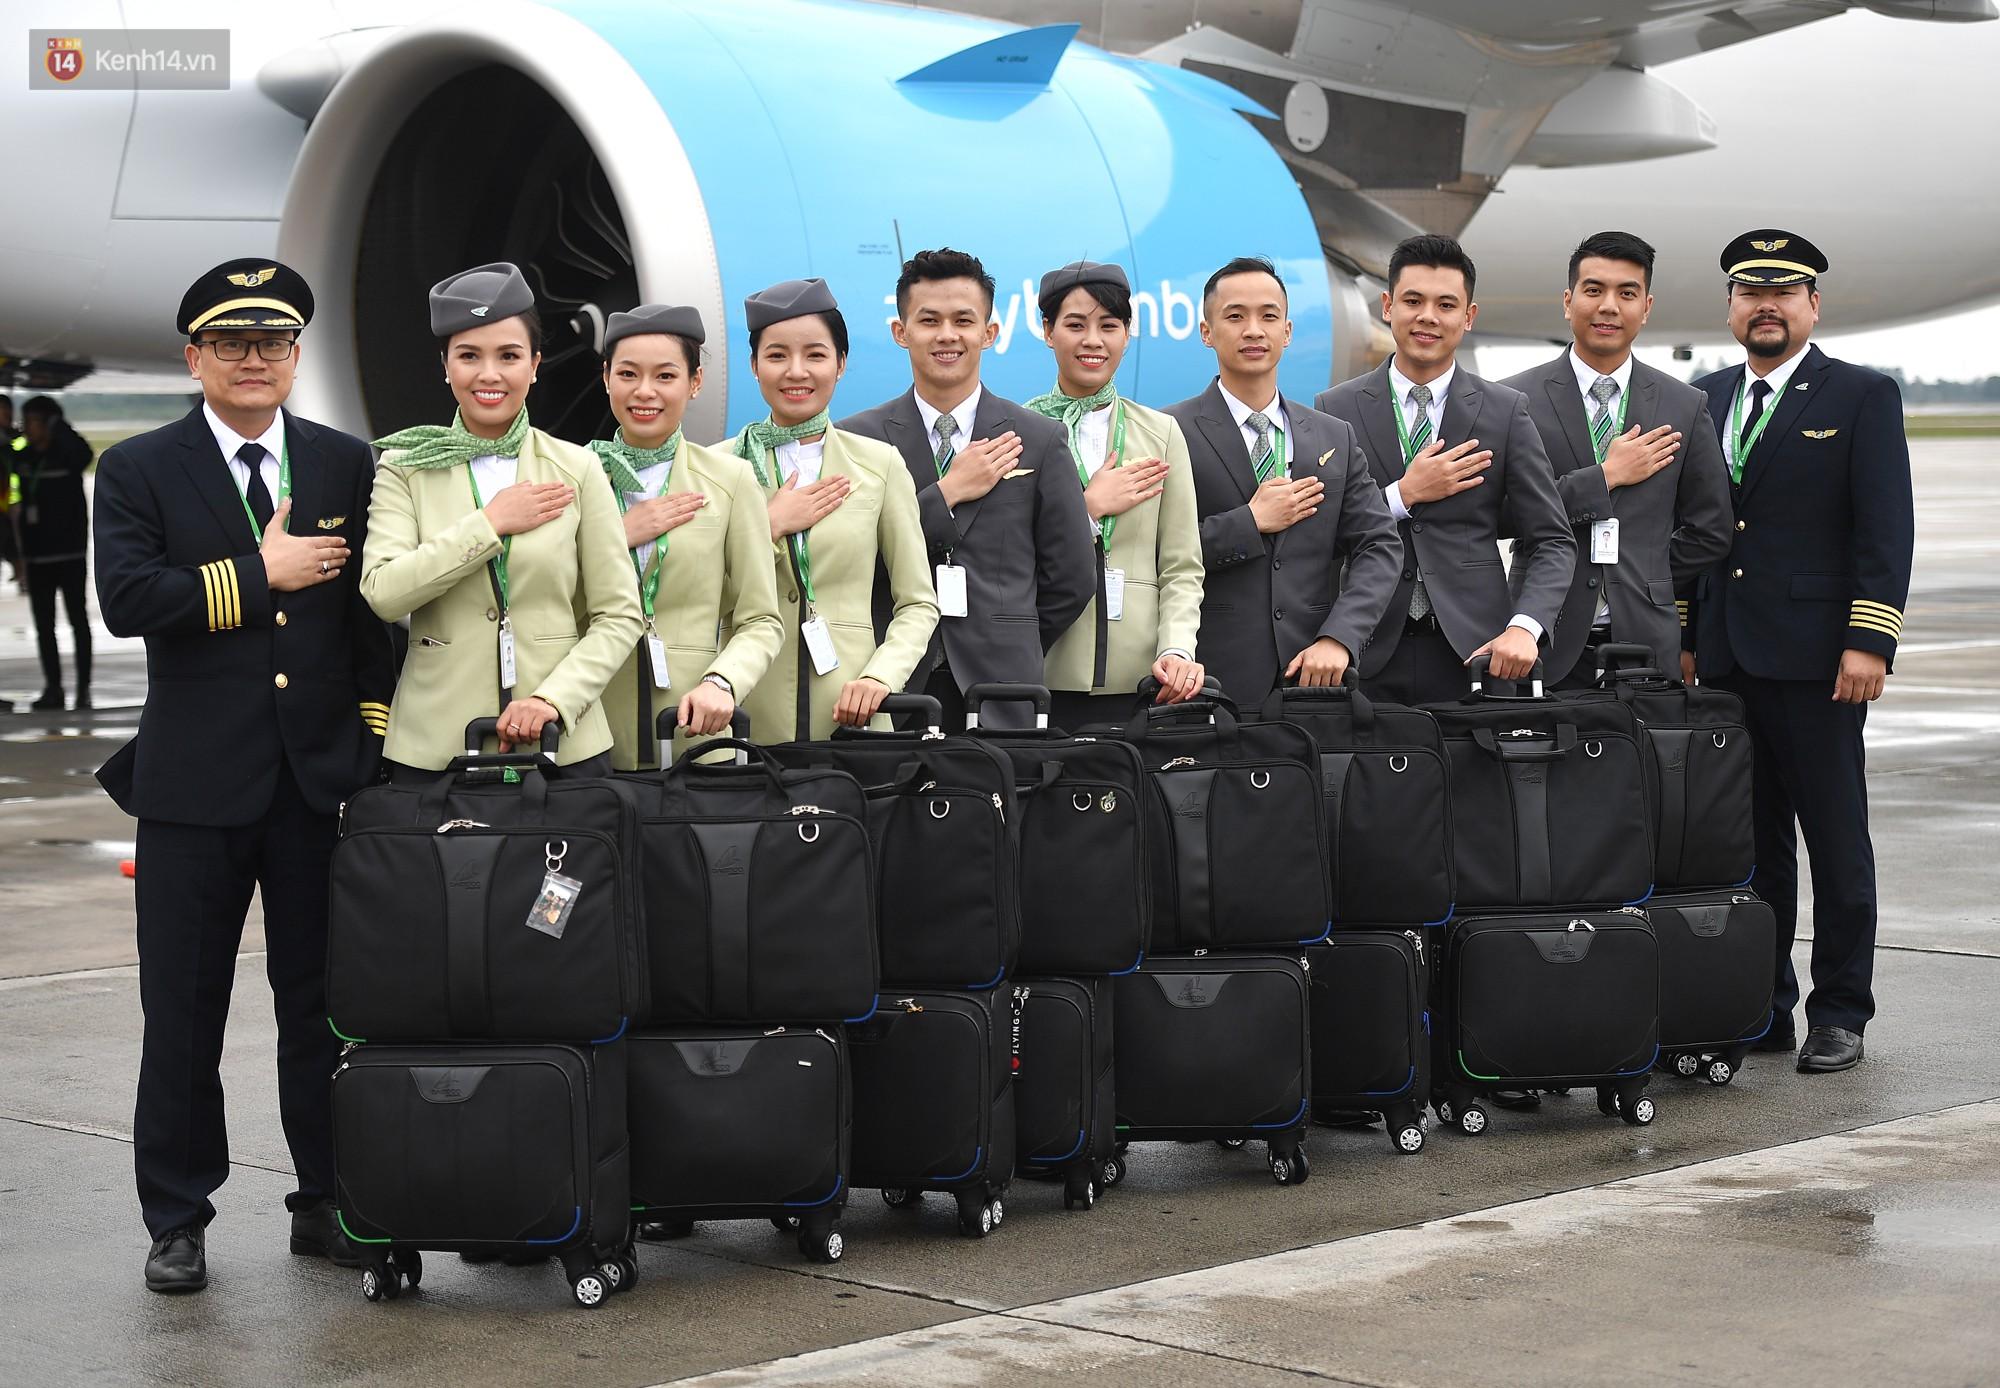 Phải công nhận, đồng phục của tiếp viên Bamboo Airways không chỉ lịch sự mà còn rất đẹp và trendy - Ảnh 5.